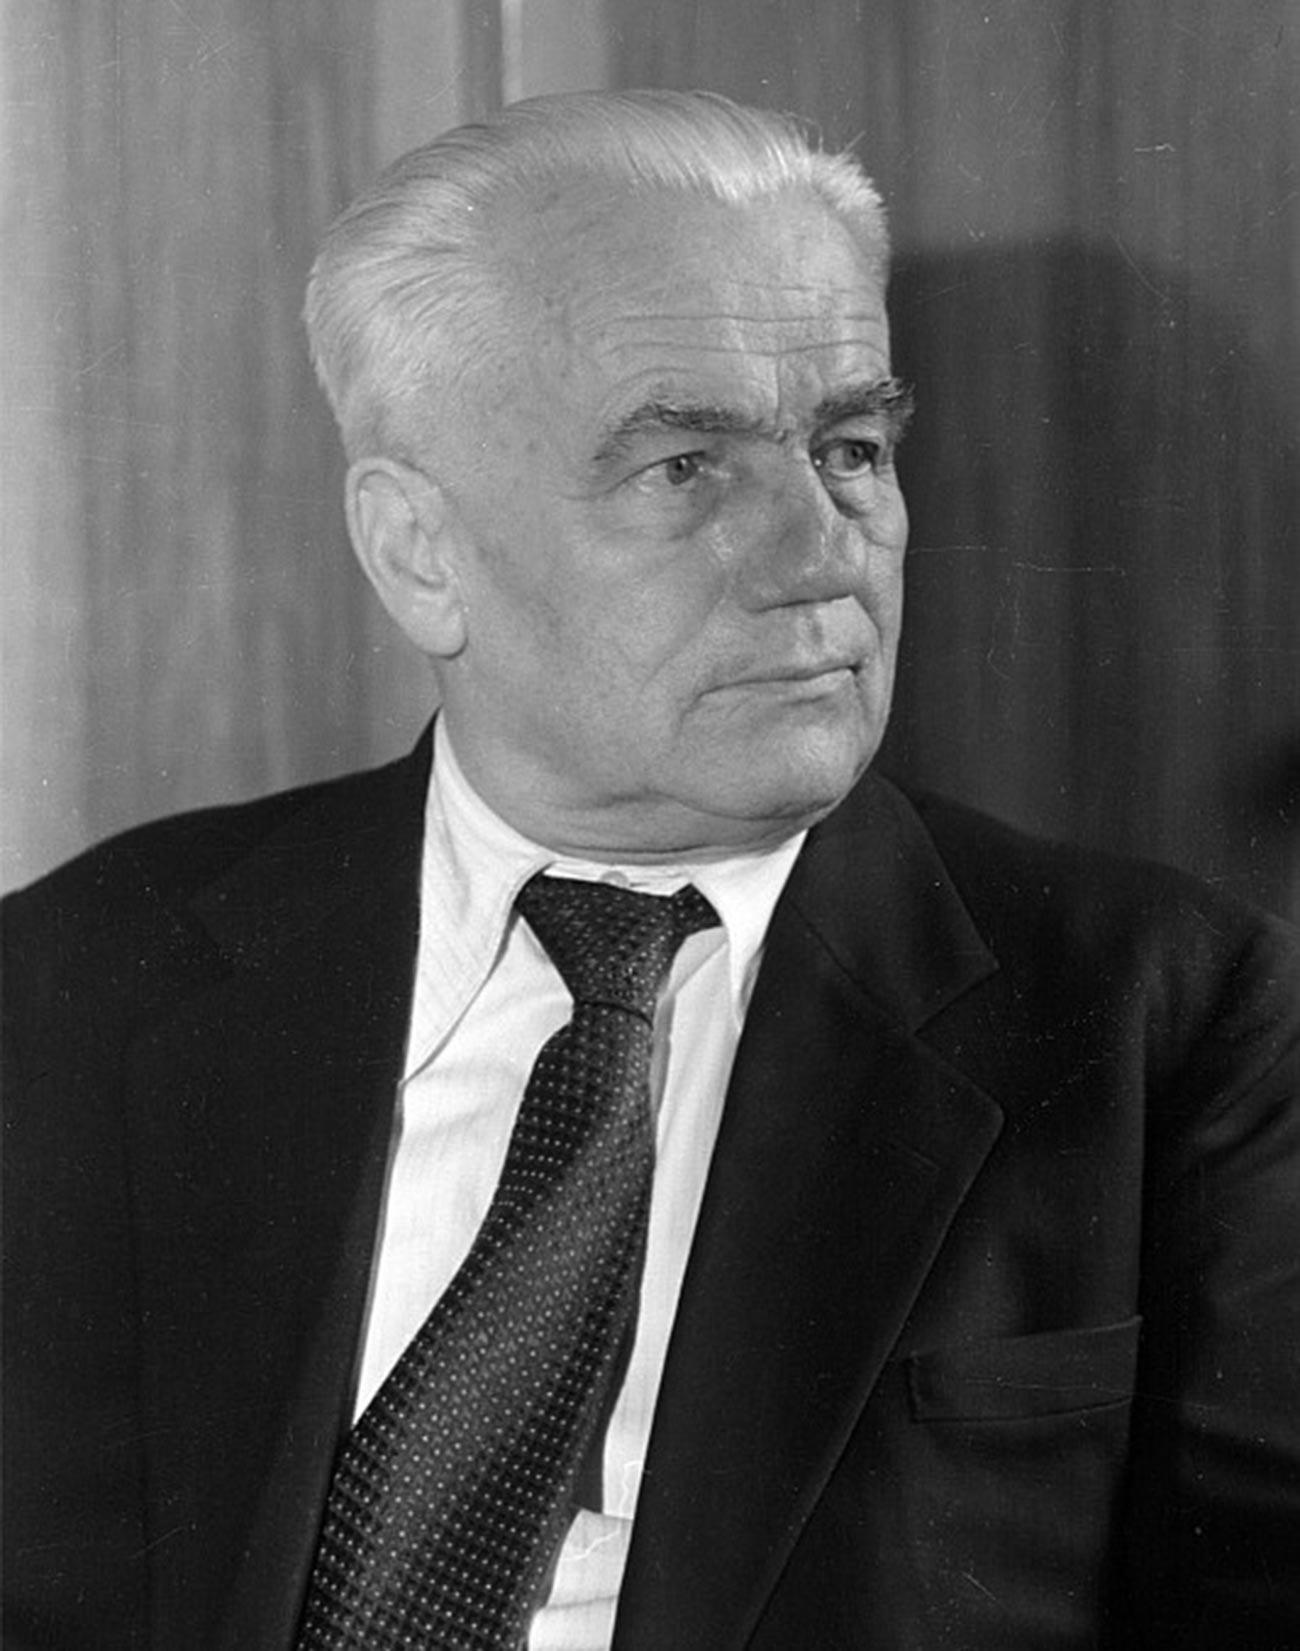 O hotel recebeu, entre outros, o então futuro primeiro presidente da República Democrática Alemã, Wilhelm Pieck.